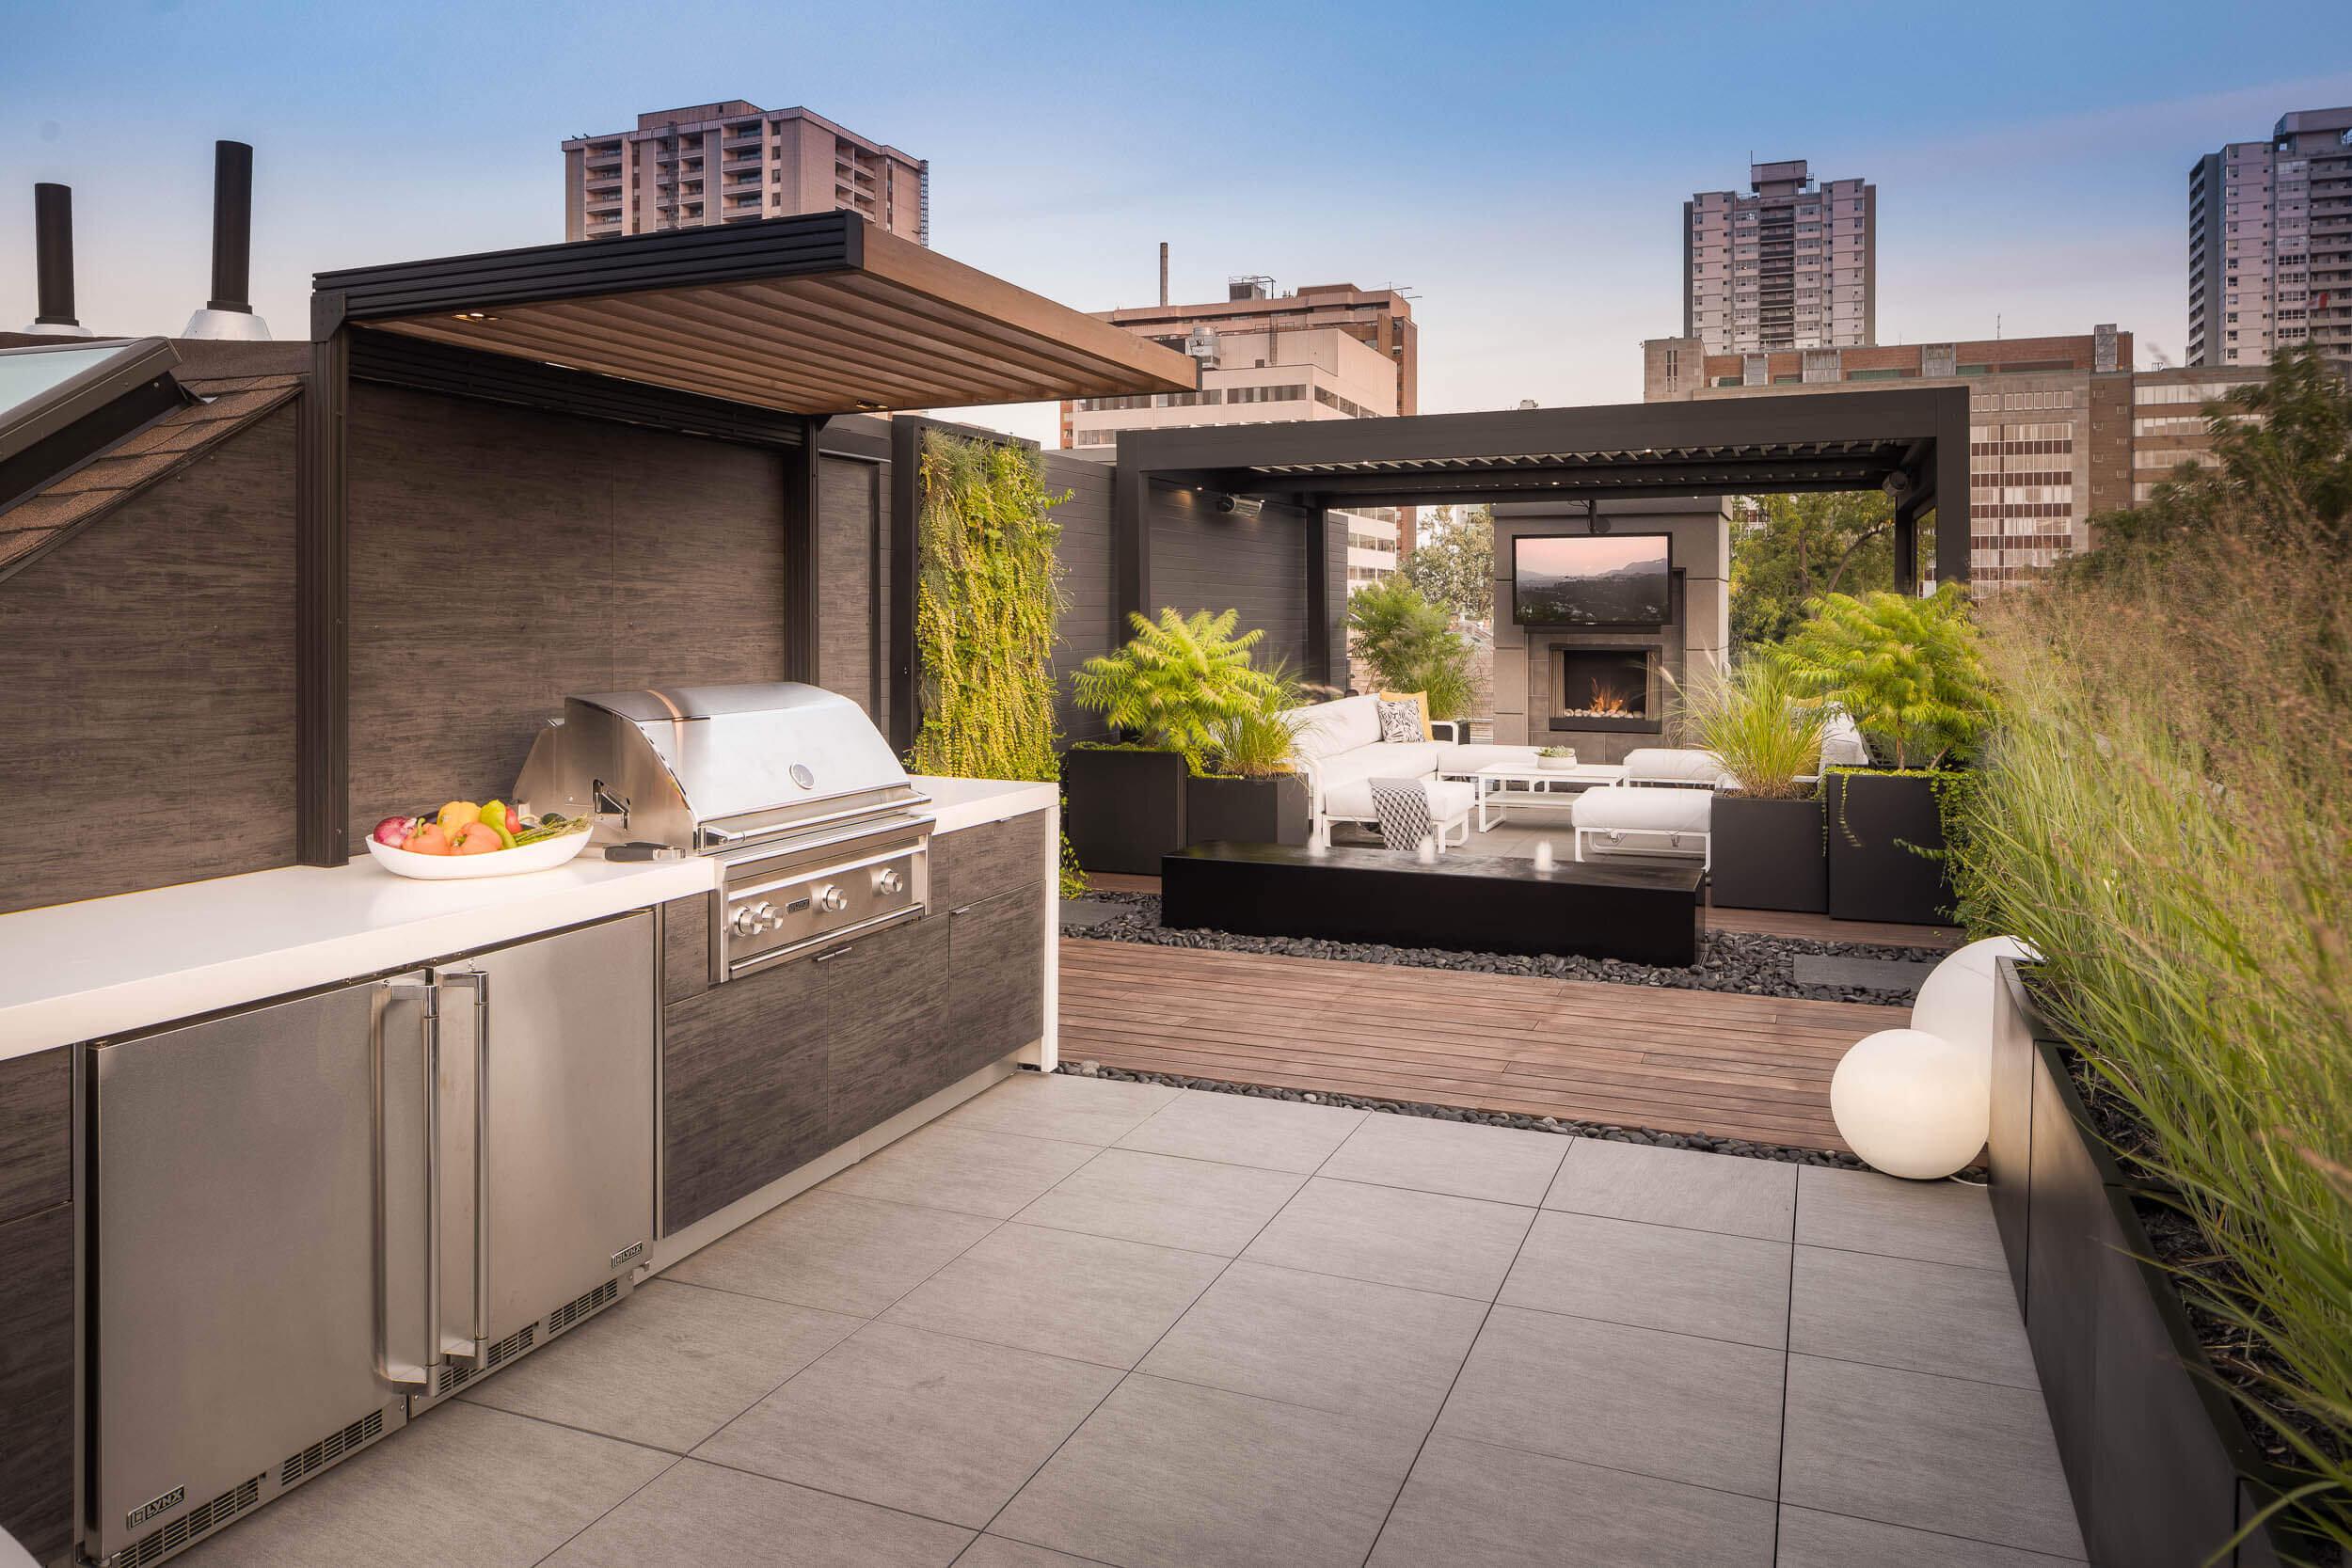 Garden Living Outdoor Kitchens Rooftop Outdoor Kitchen